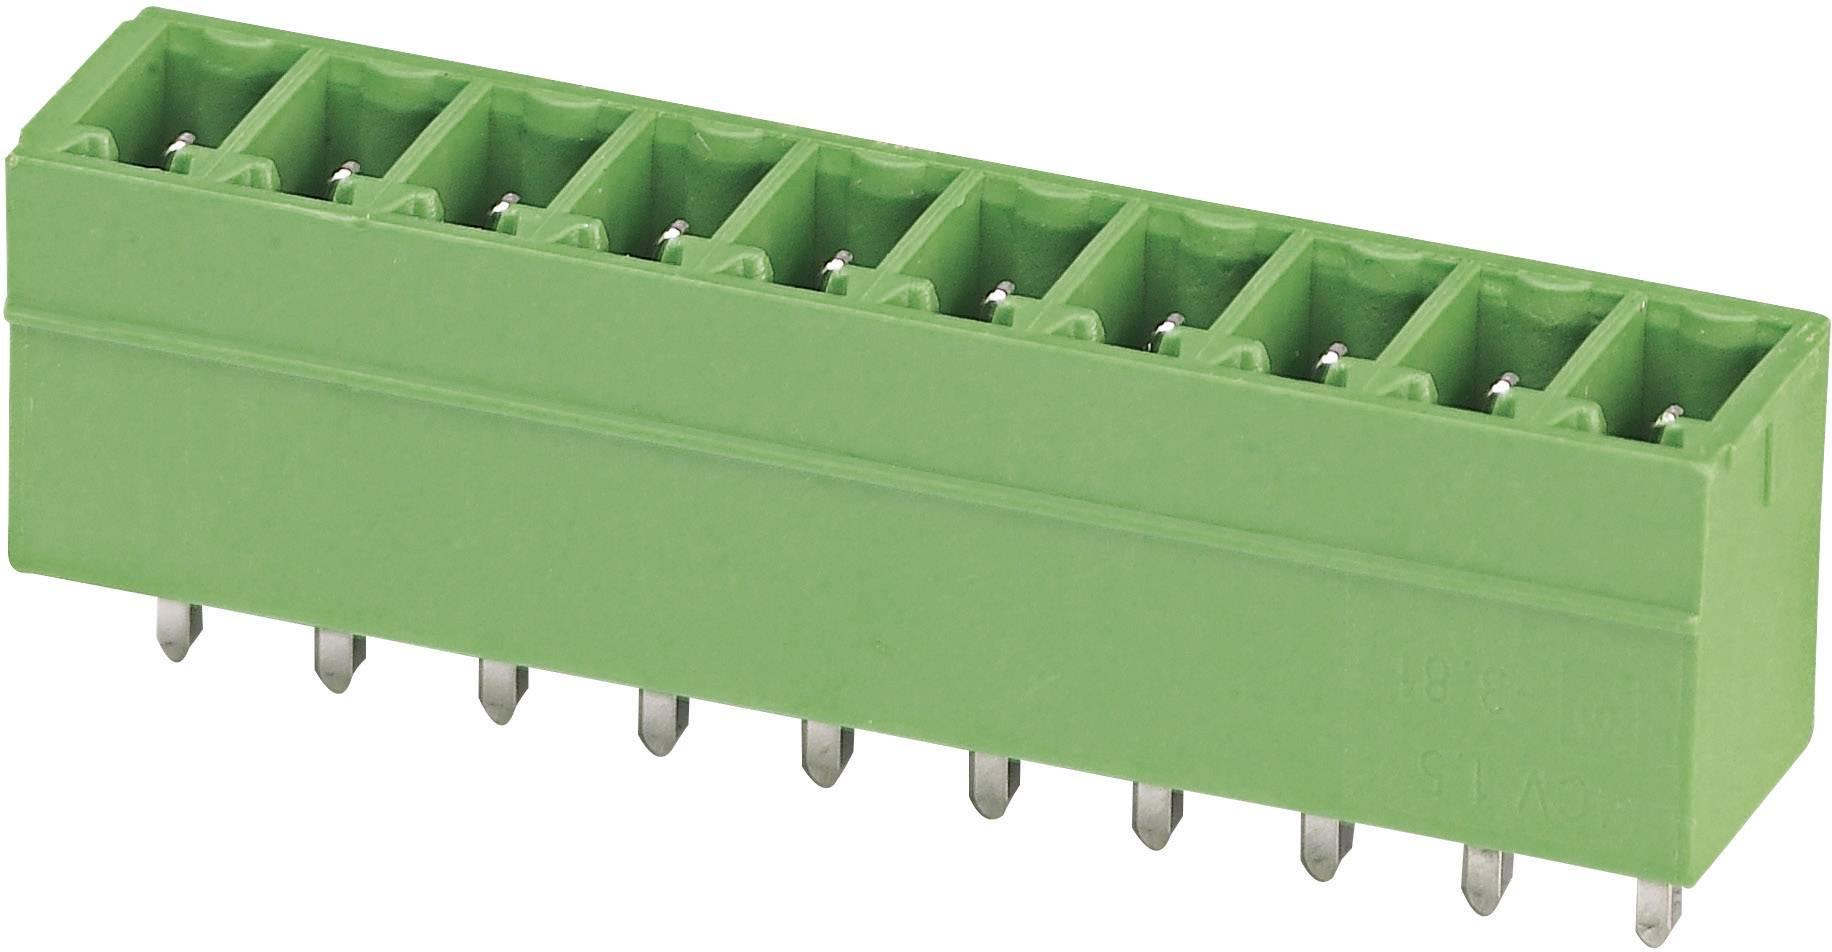 Svorkovnice 1řadá do DPS Phoenix Contact MCV 1,5/ 2-G-3,81 (1803426), 2pól., zelená